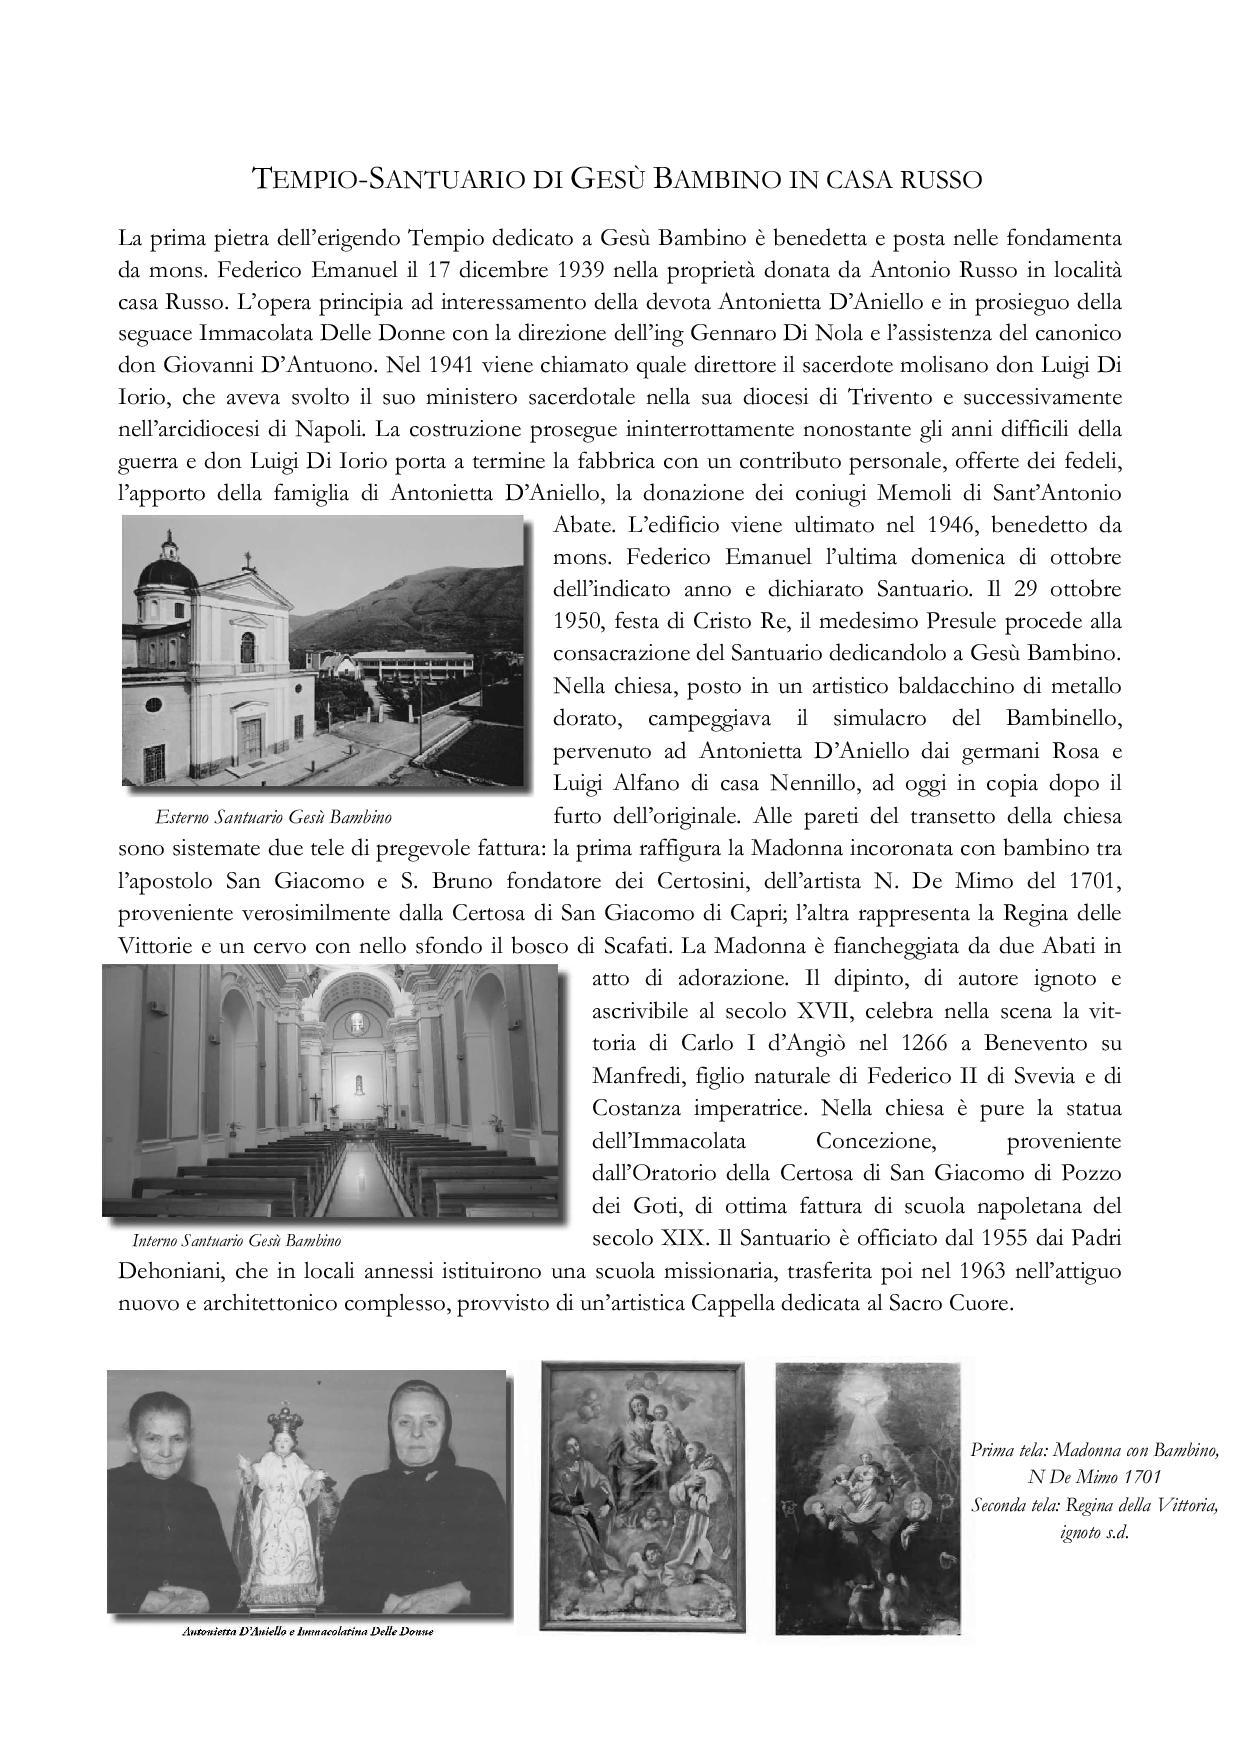 Tempio-Santuario di Gesù Bambino in Casa Russo